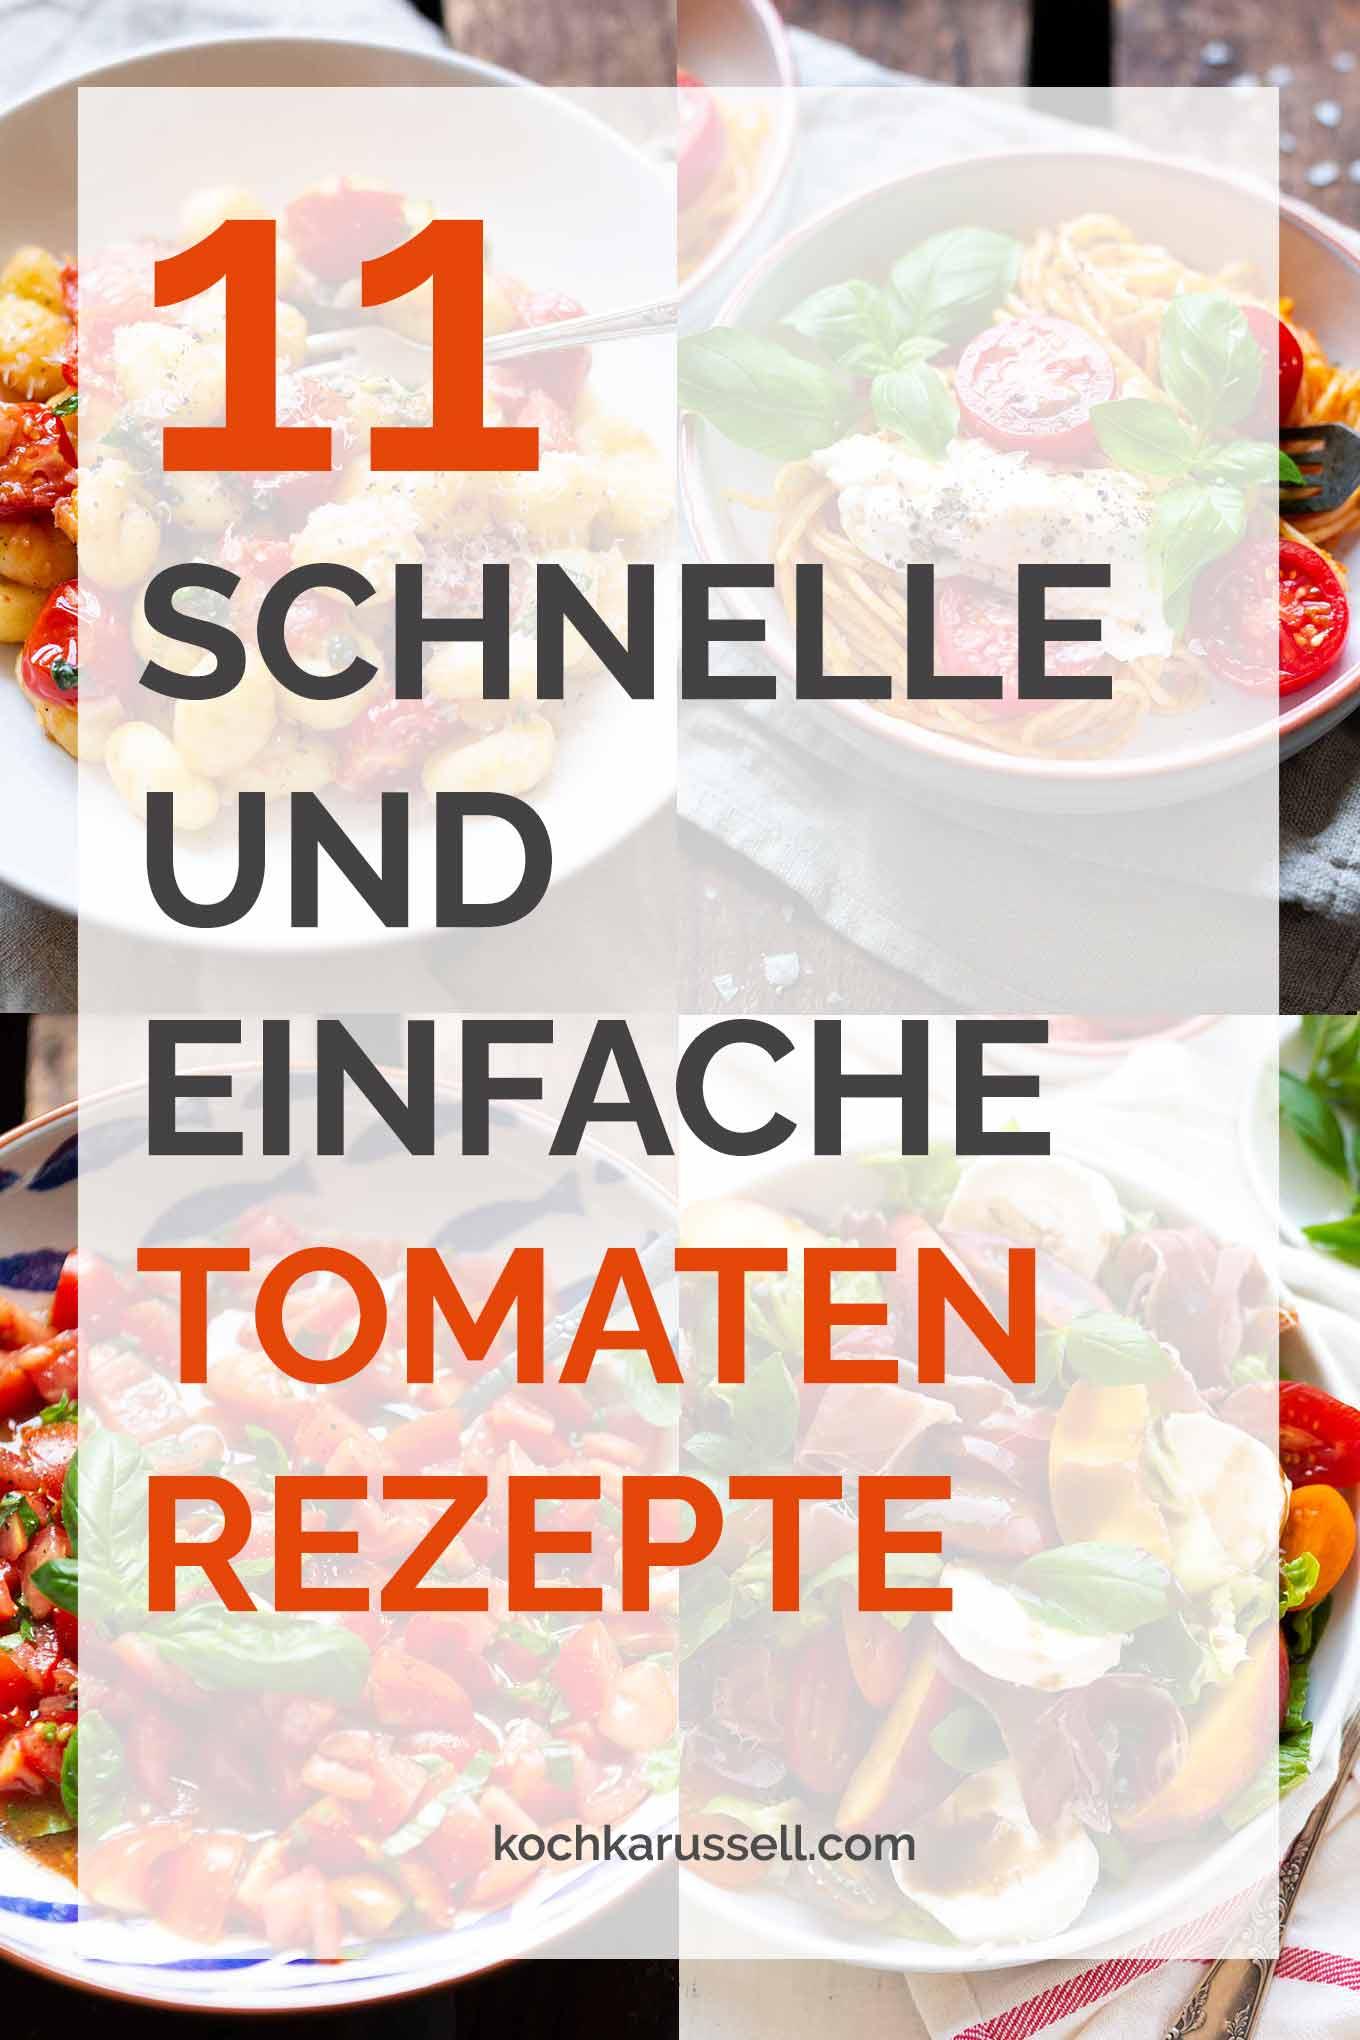 11 schnelle und einfache Tomatenrezepte warten auf euch. Die Tomatensaison ist im vollen Gange und im Kochkarussell findet ihr nun schnelle und leckere Rezeptideen, um eure selbstgeernteten Tomaten lecker zu verarbeiten. Denn jetzt schmecken Tomaten einfach am allerbesten! Kochkarussell - Foodblog für schnelle und einfache Feierabendküche